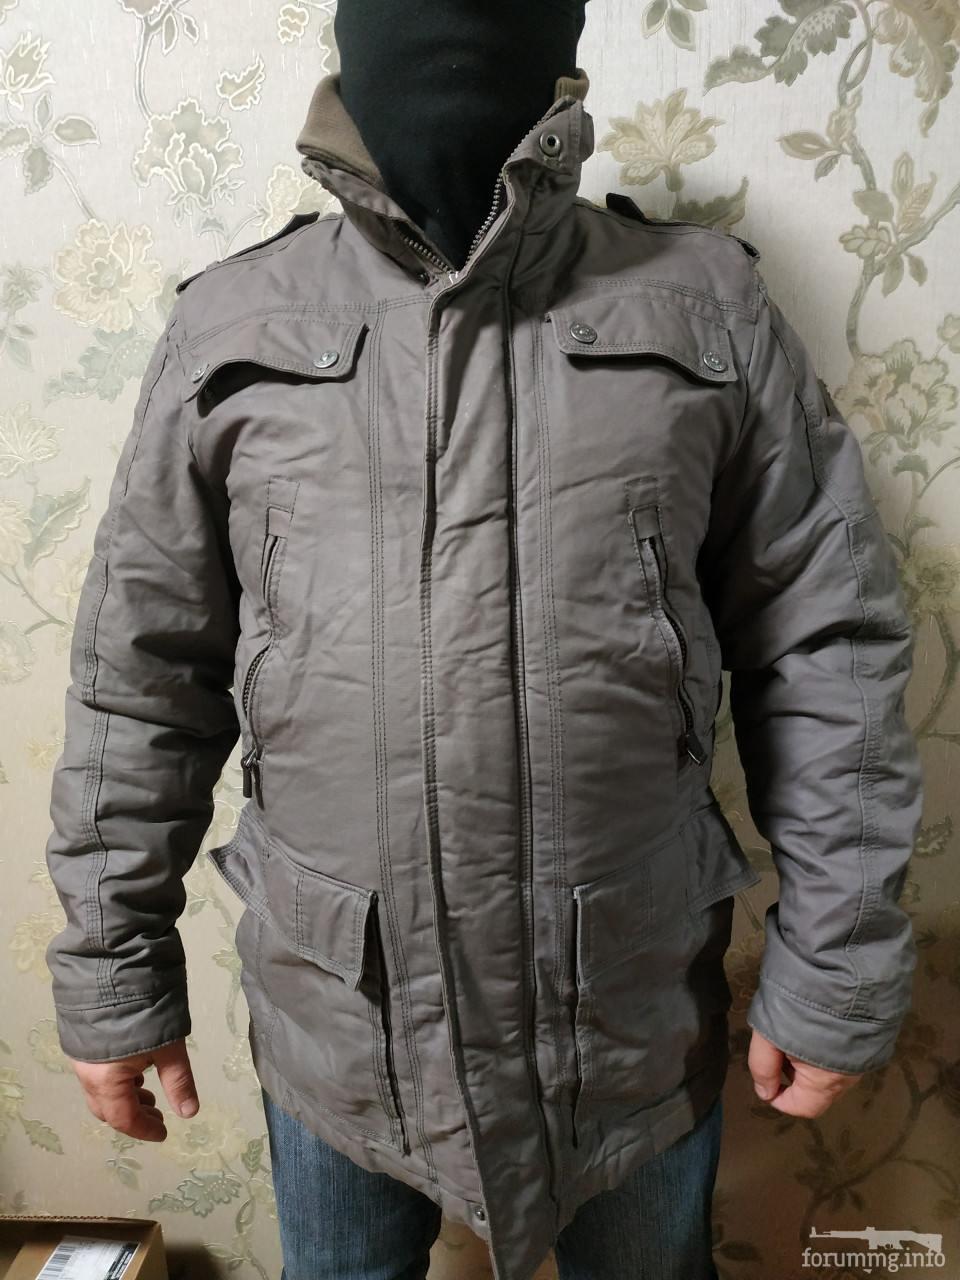 136430 - Тепла куртка в мілітарі стилі